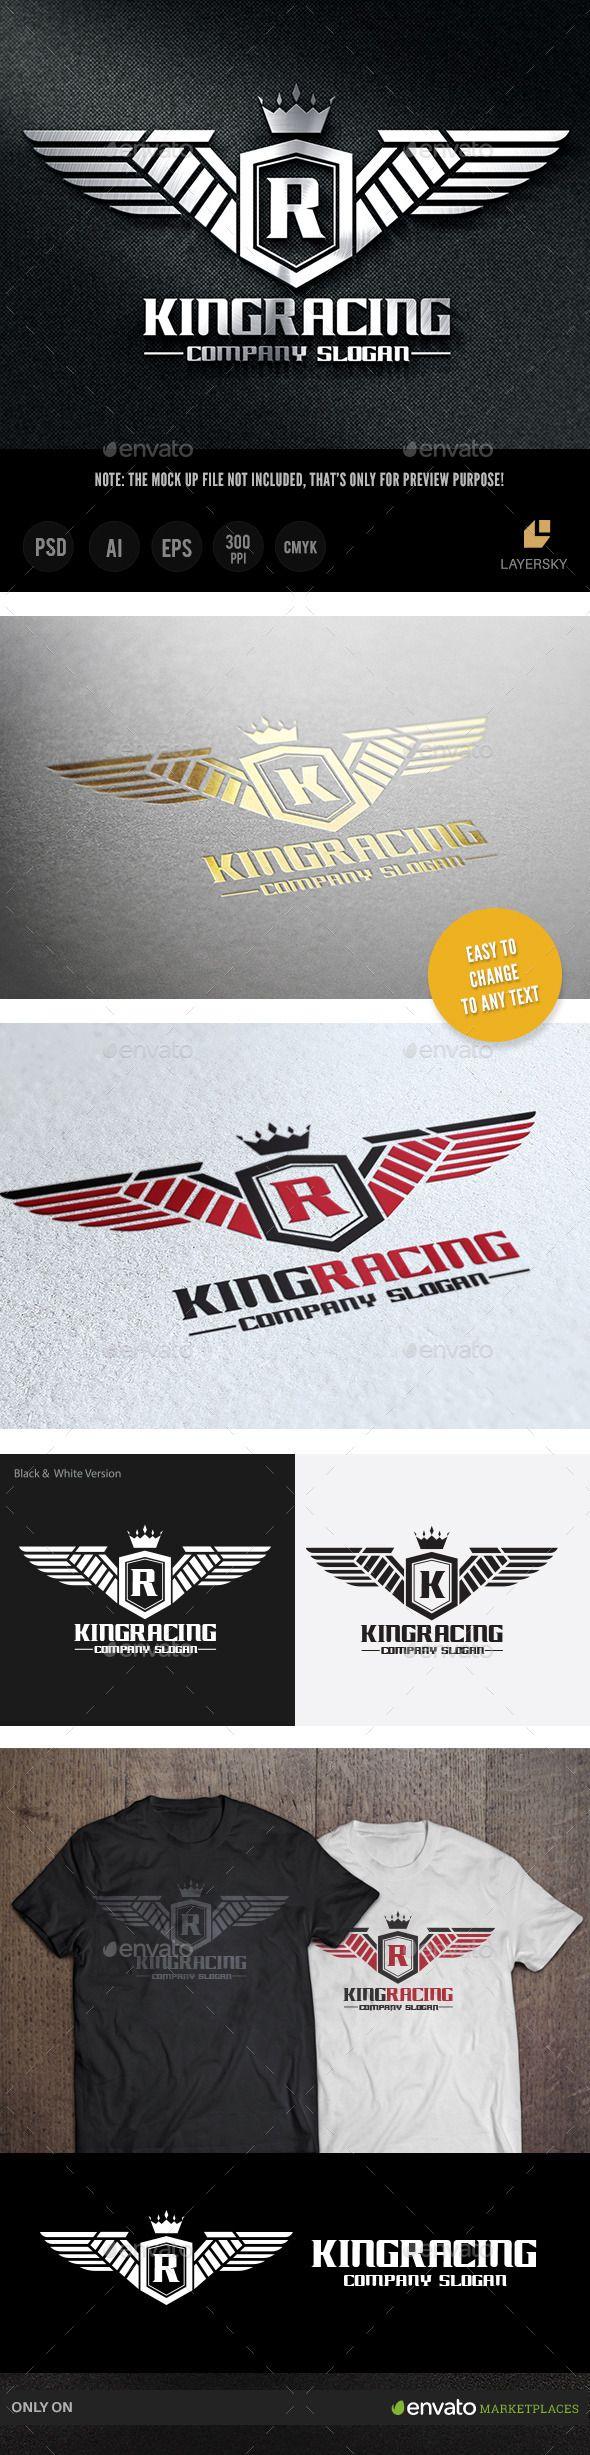 Best ctk logo images on pinterest designing